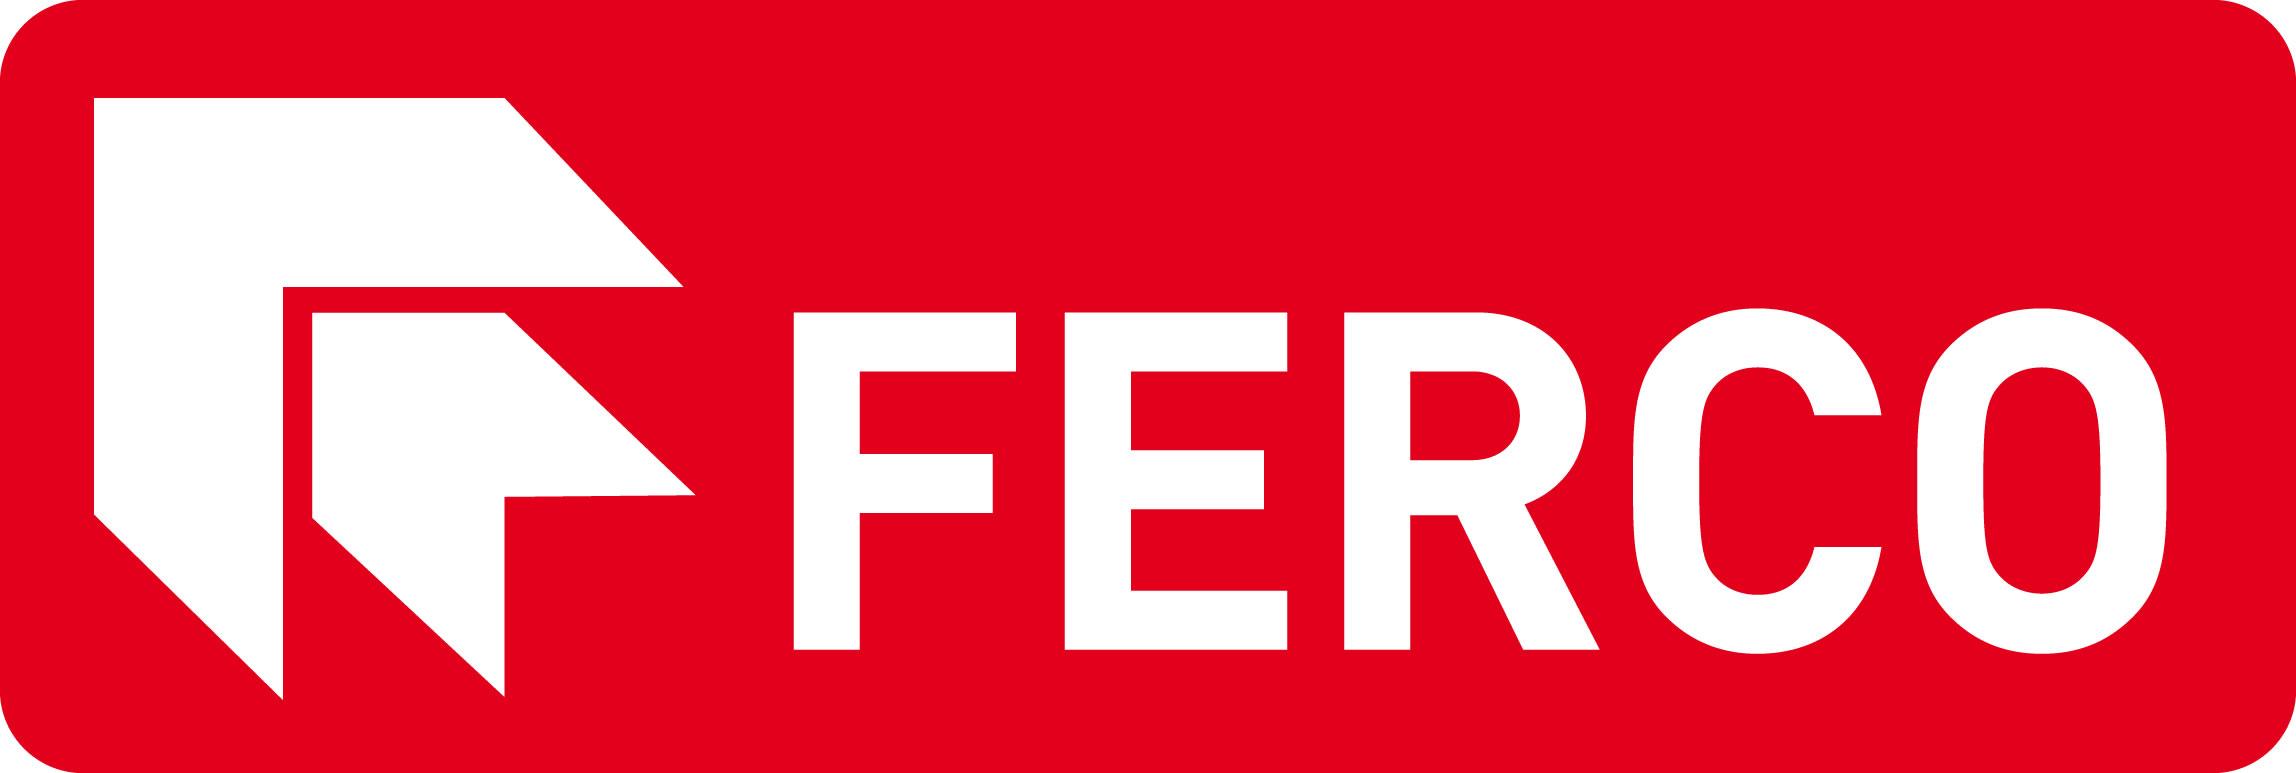 Logo of FERCO